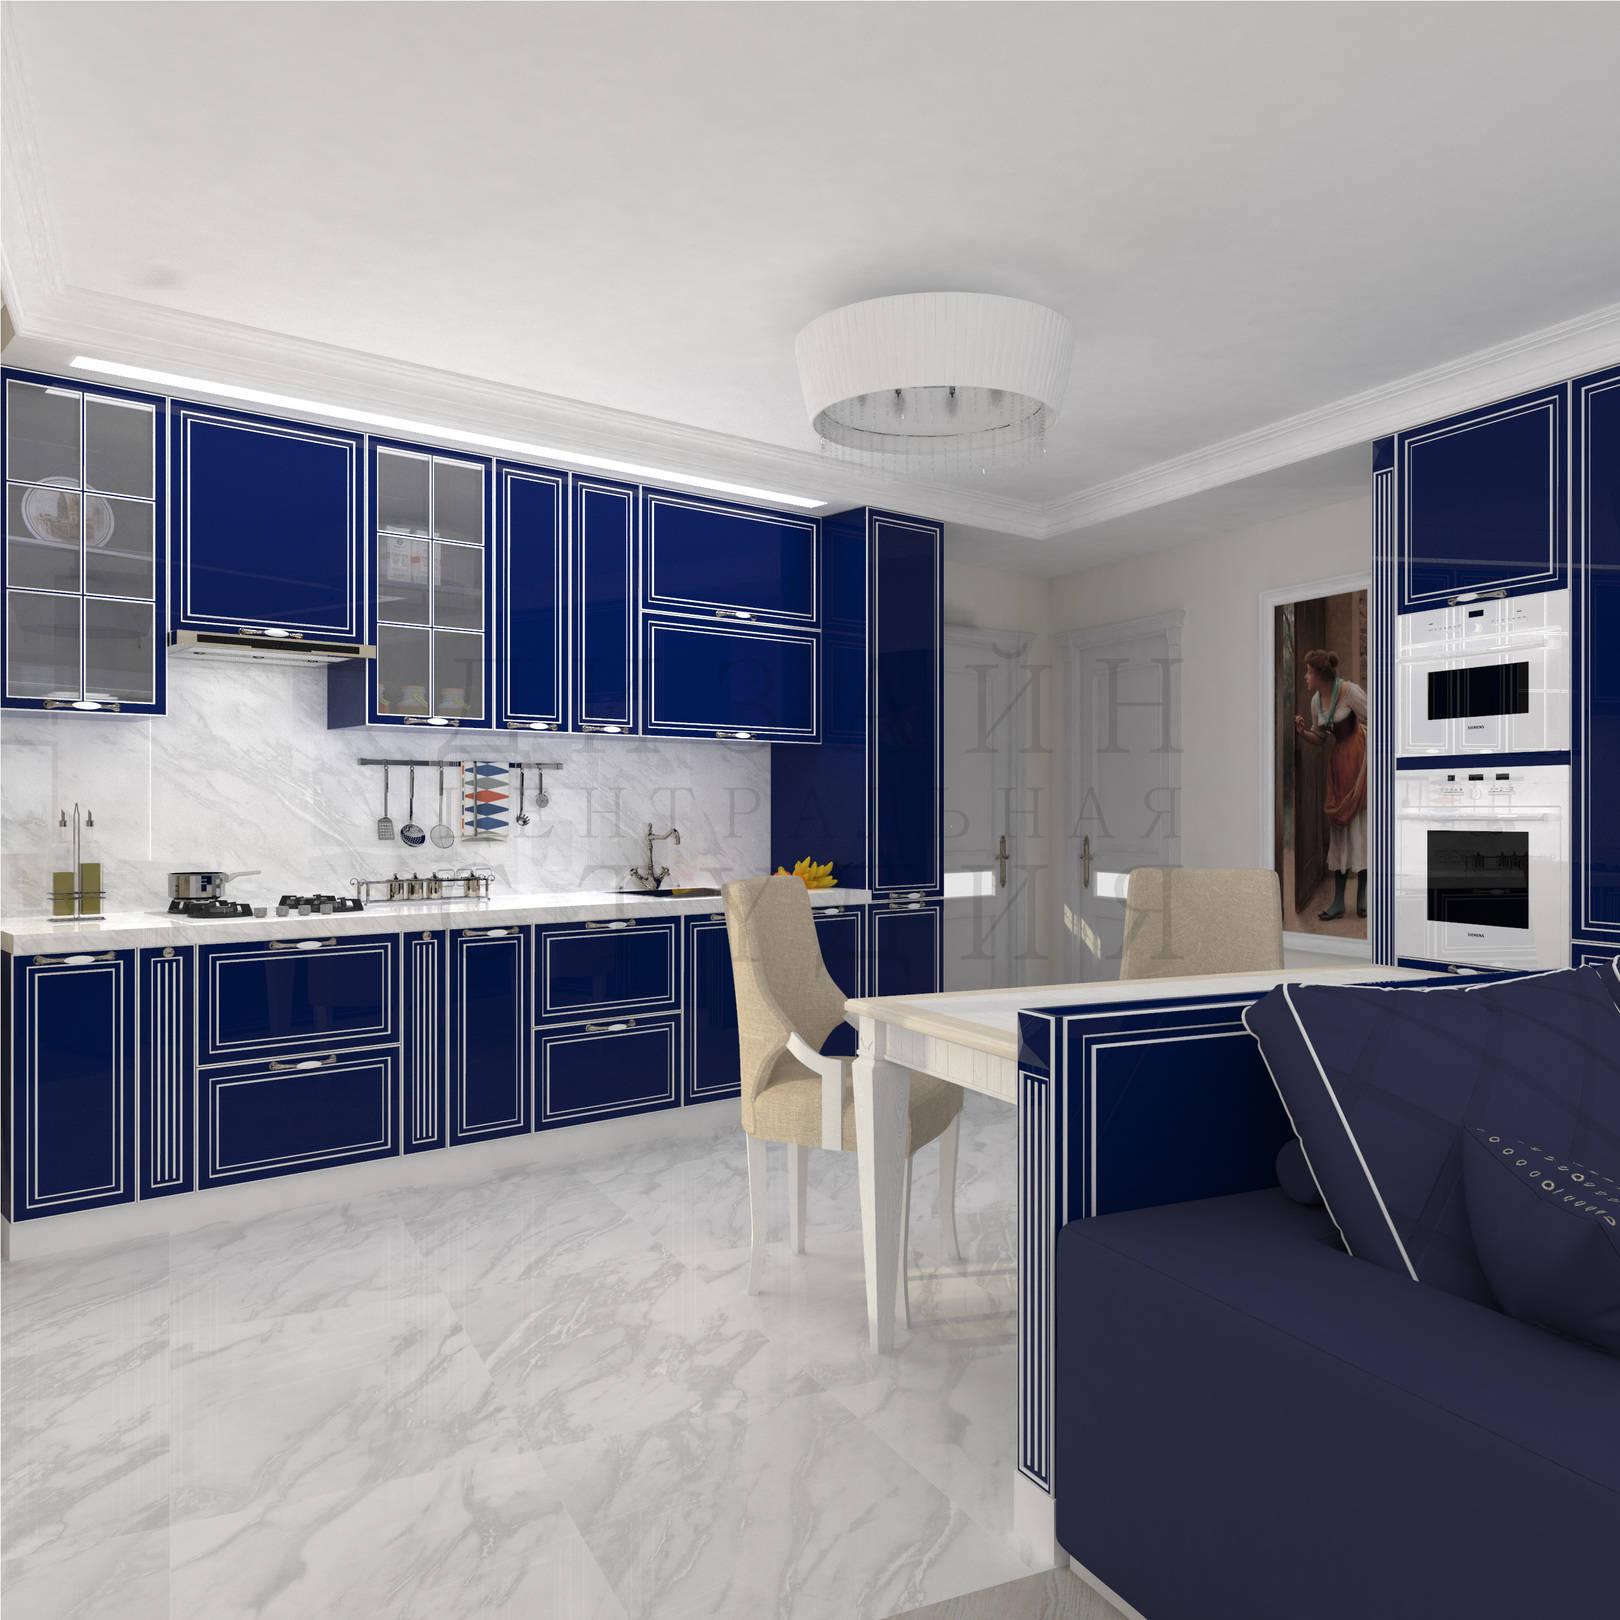 Дизайн интерьера классической кухни в синем цвете centraldesignstudio.ru